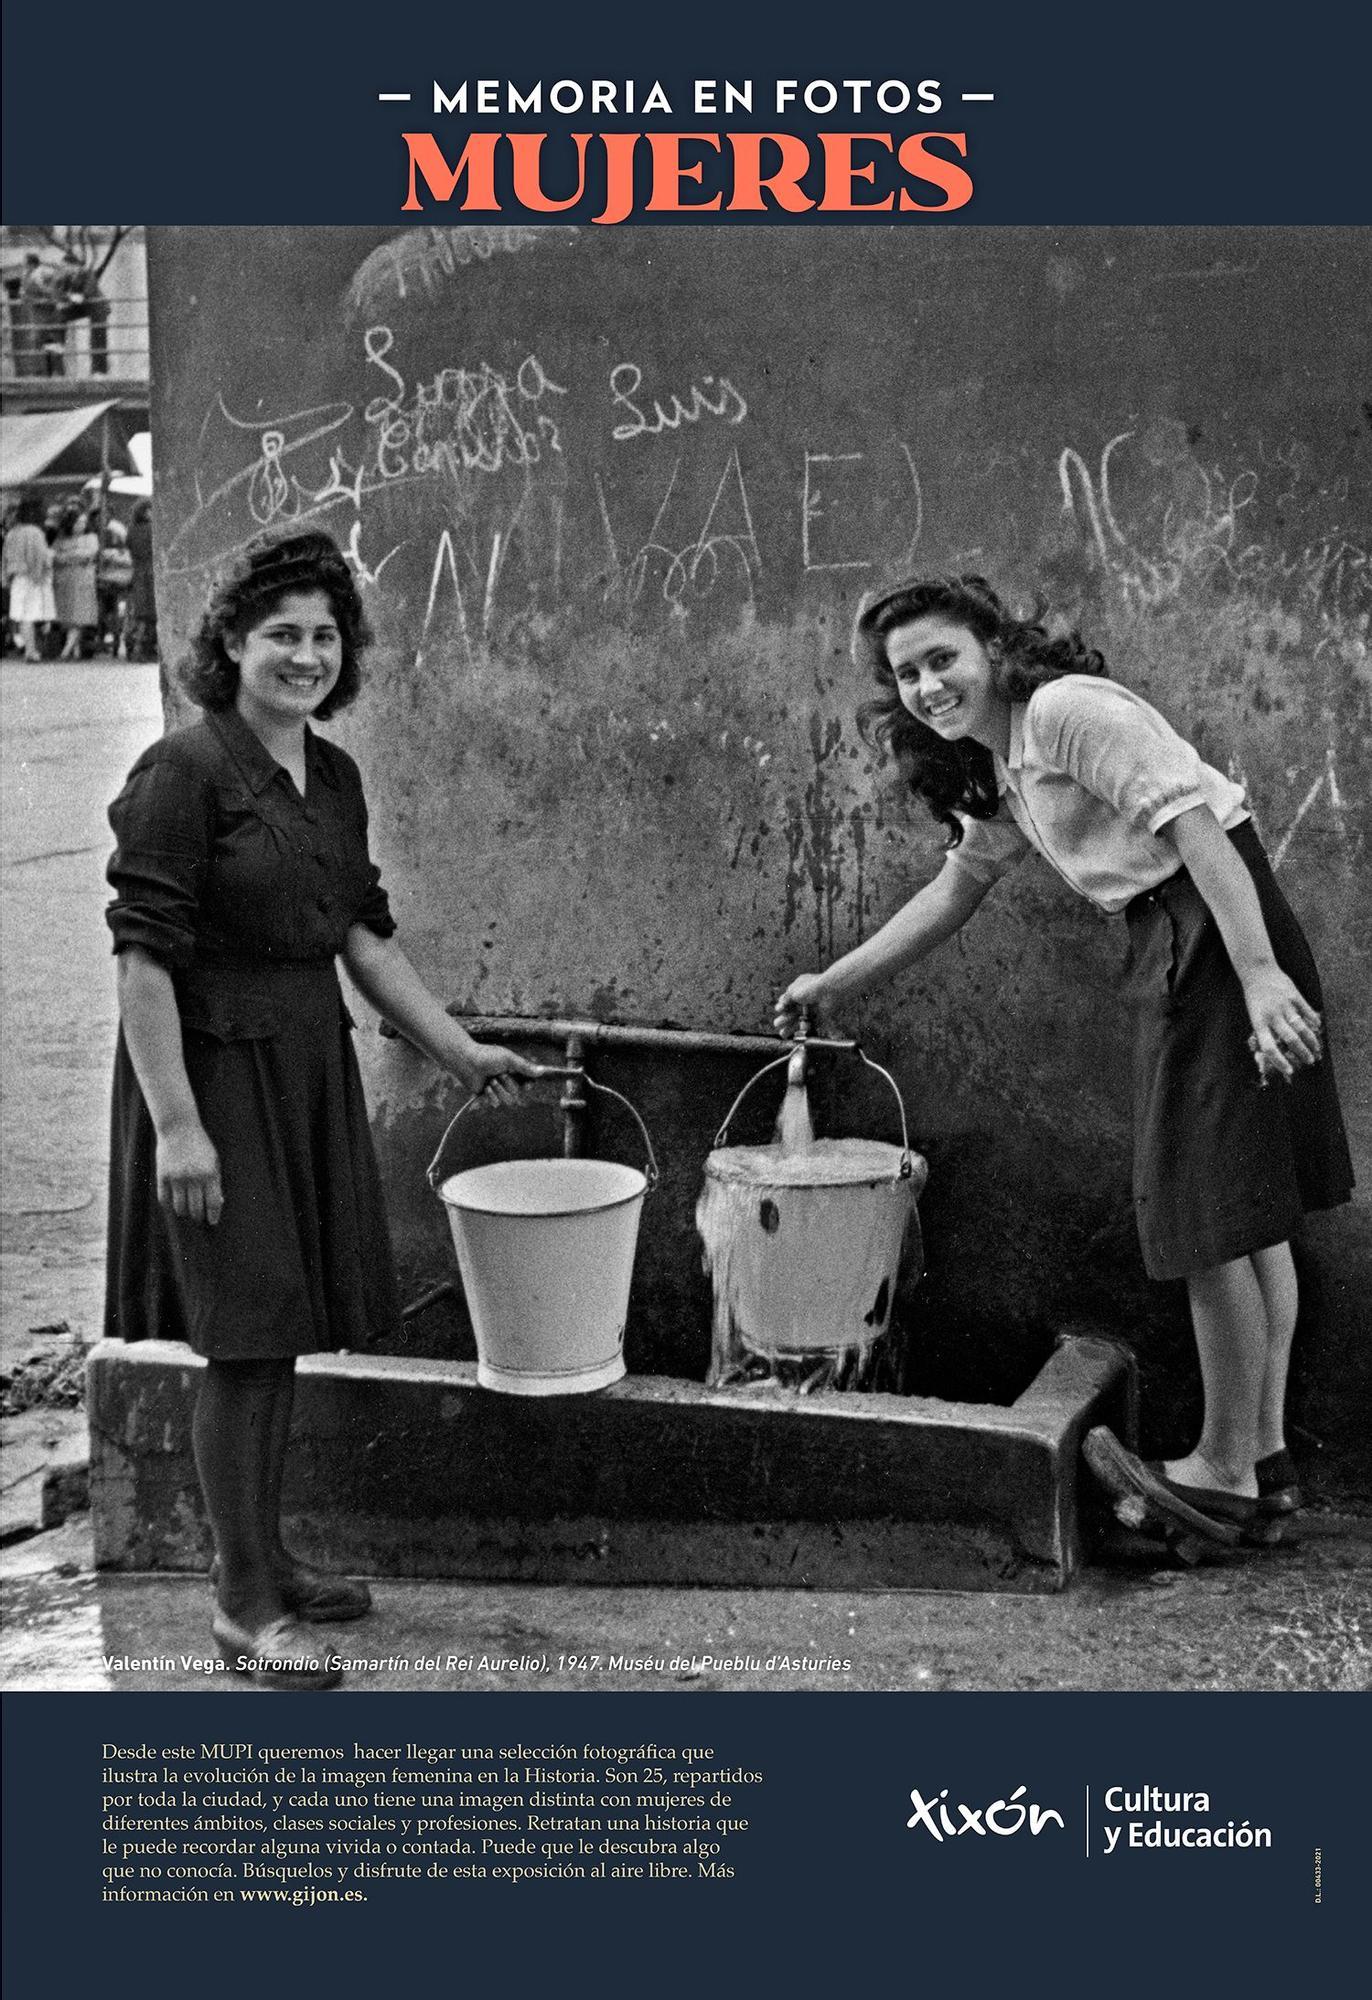 Memoria en fotos: Mujeres